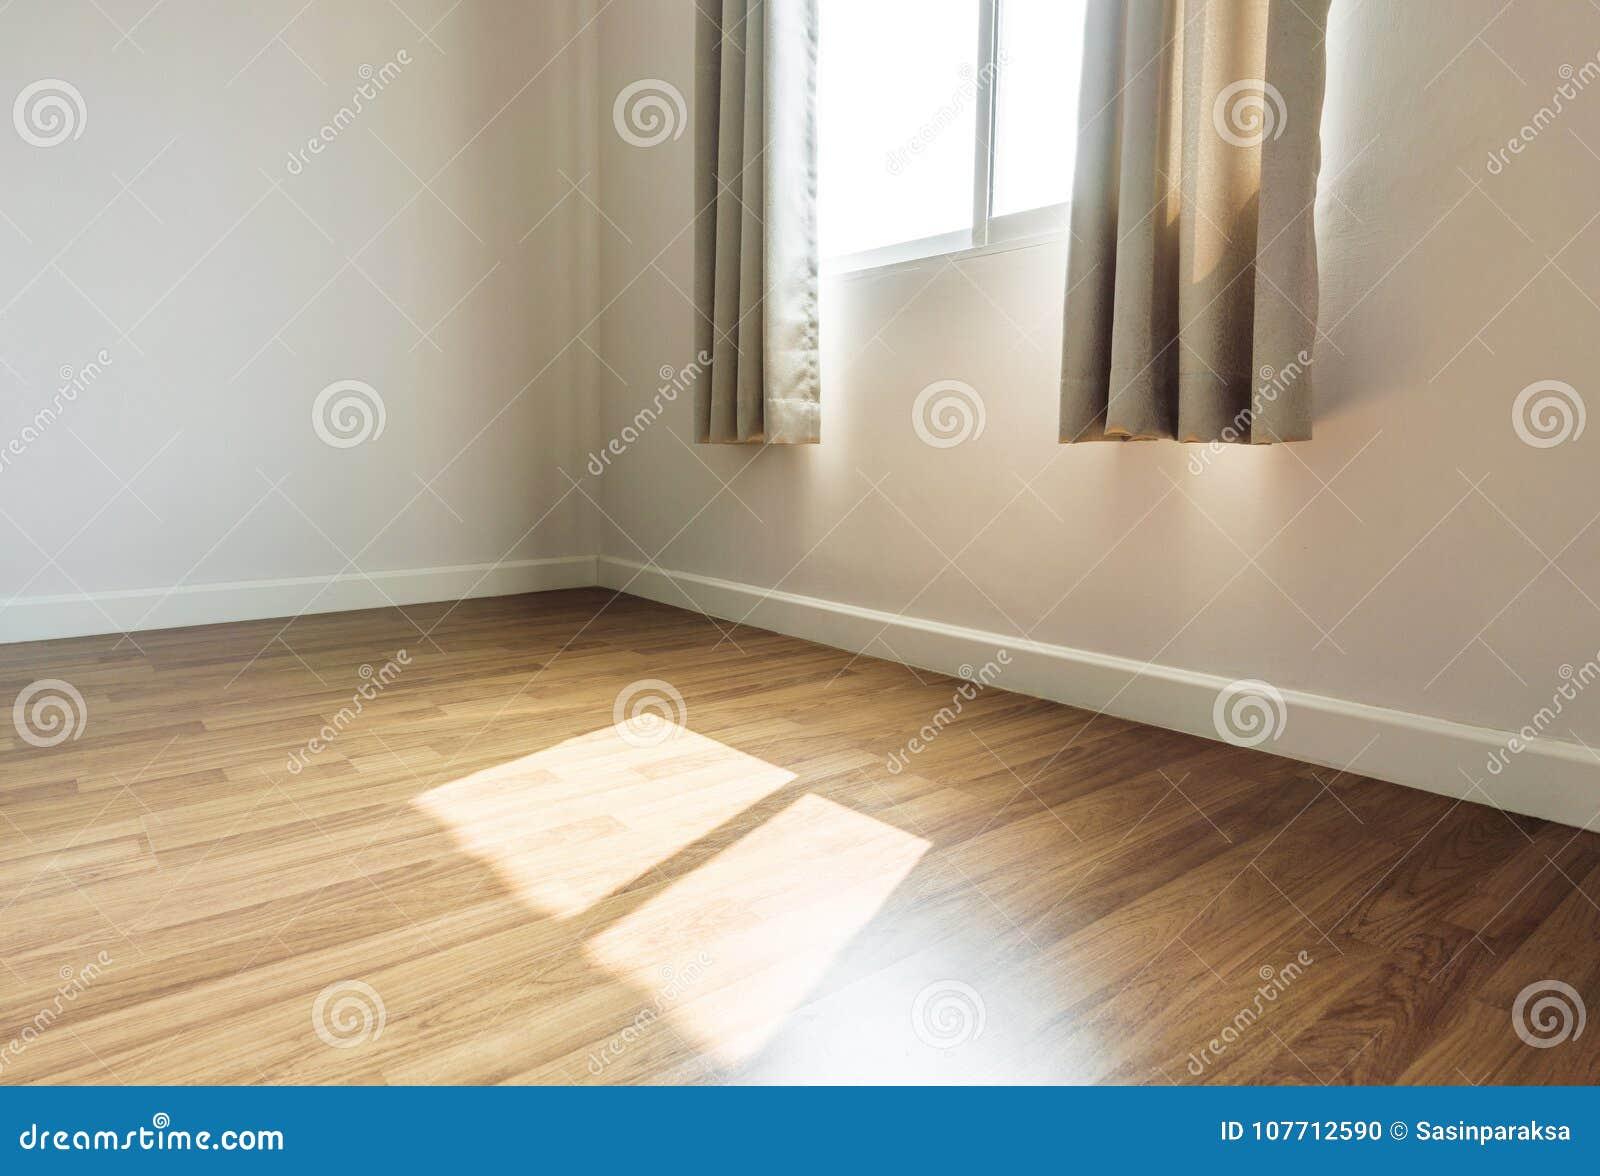 Spazio interno, stanza vuota, pavimento di legno laminato con la finestra aperta che riceve luce solare di mattina